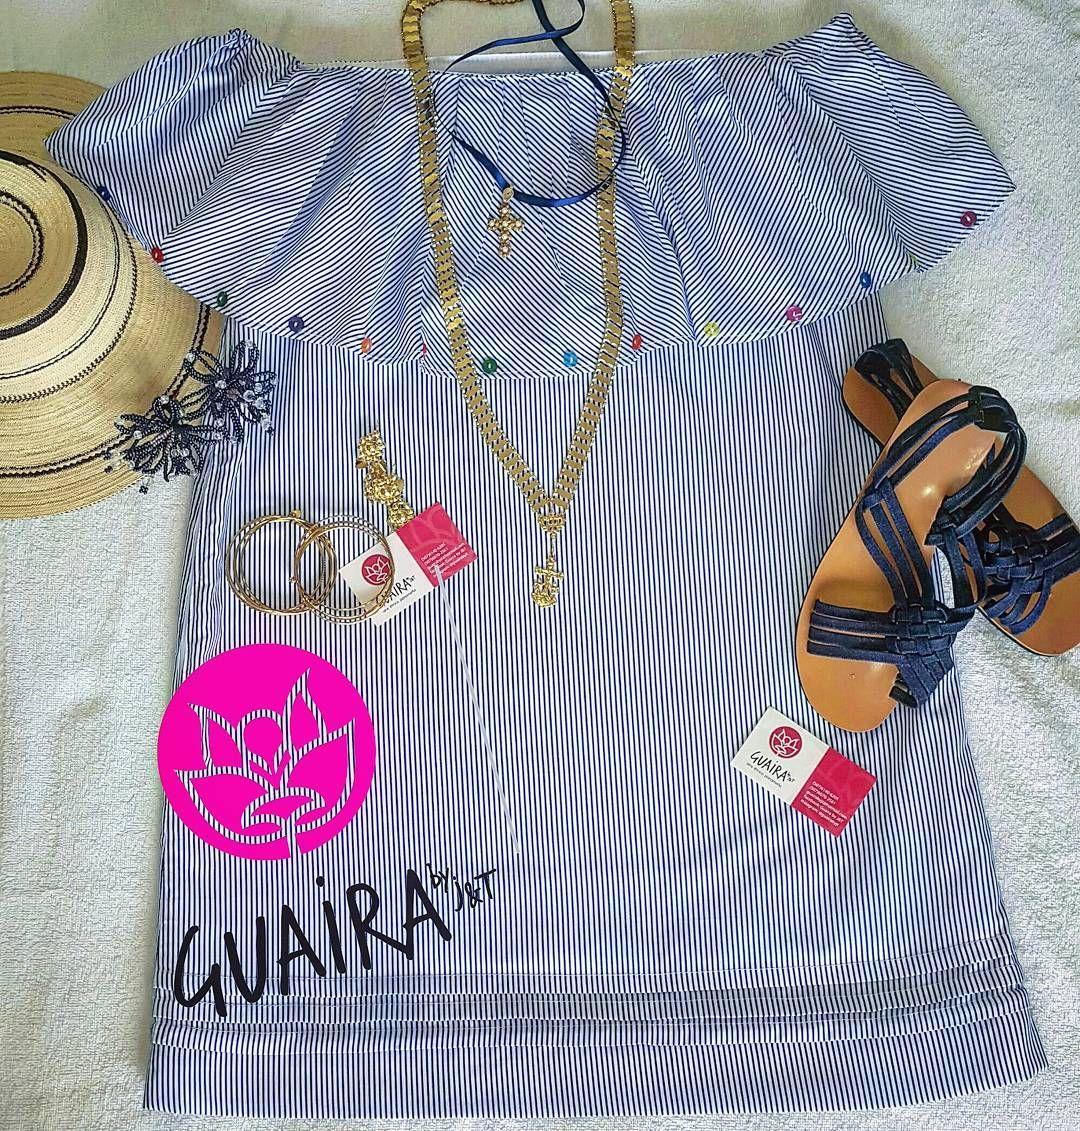 d53bb2bf Dentro de los vestuarios folklóricos de Panamá encontramos la camisa ...